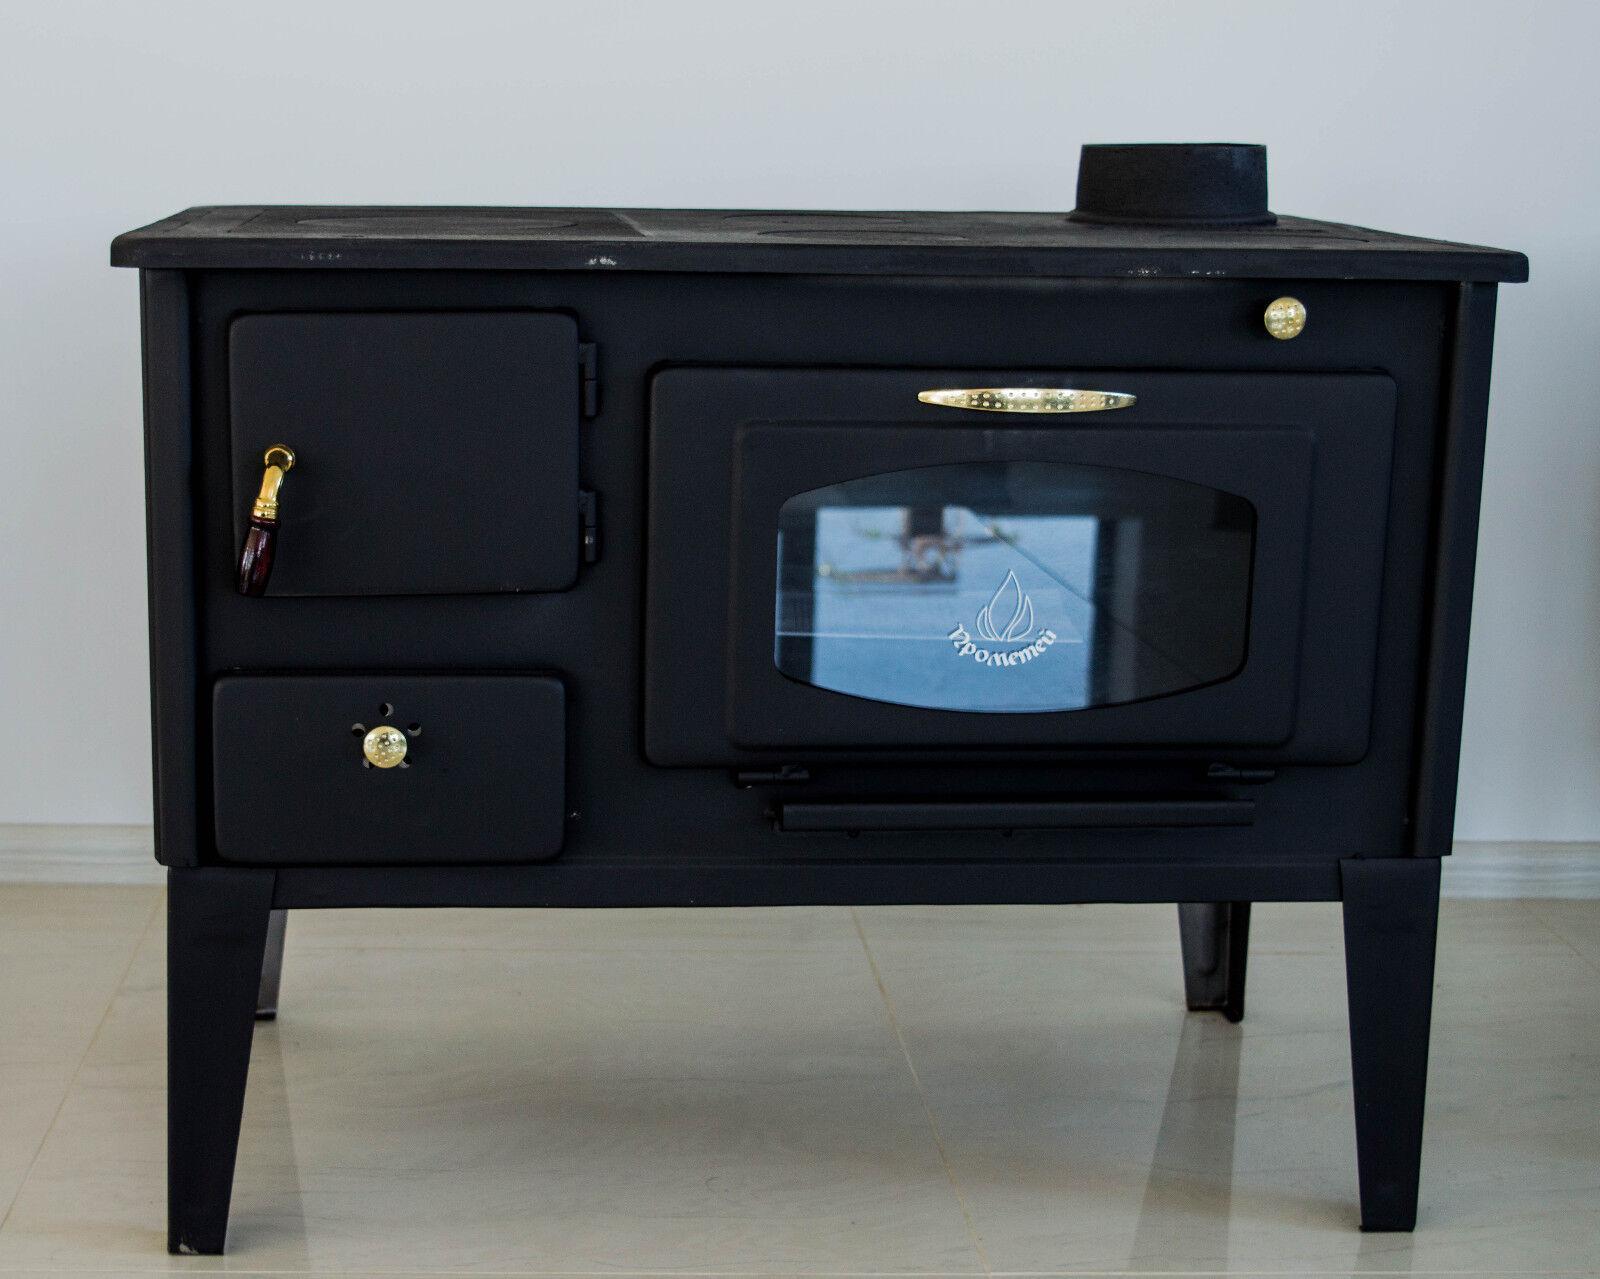 Stufa a legna cucinare stufa forno con vetro prometey 7 kw ghisa top nar tipo termostufe - Stufa a legna per cucinare ...